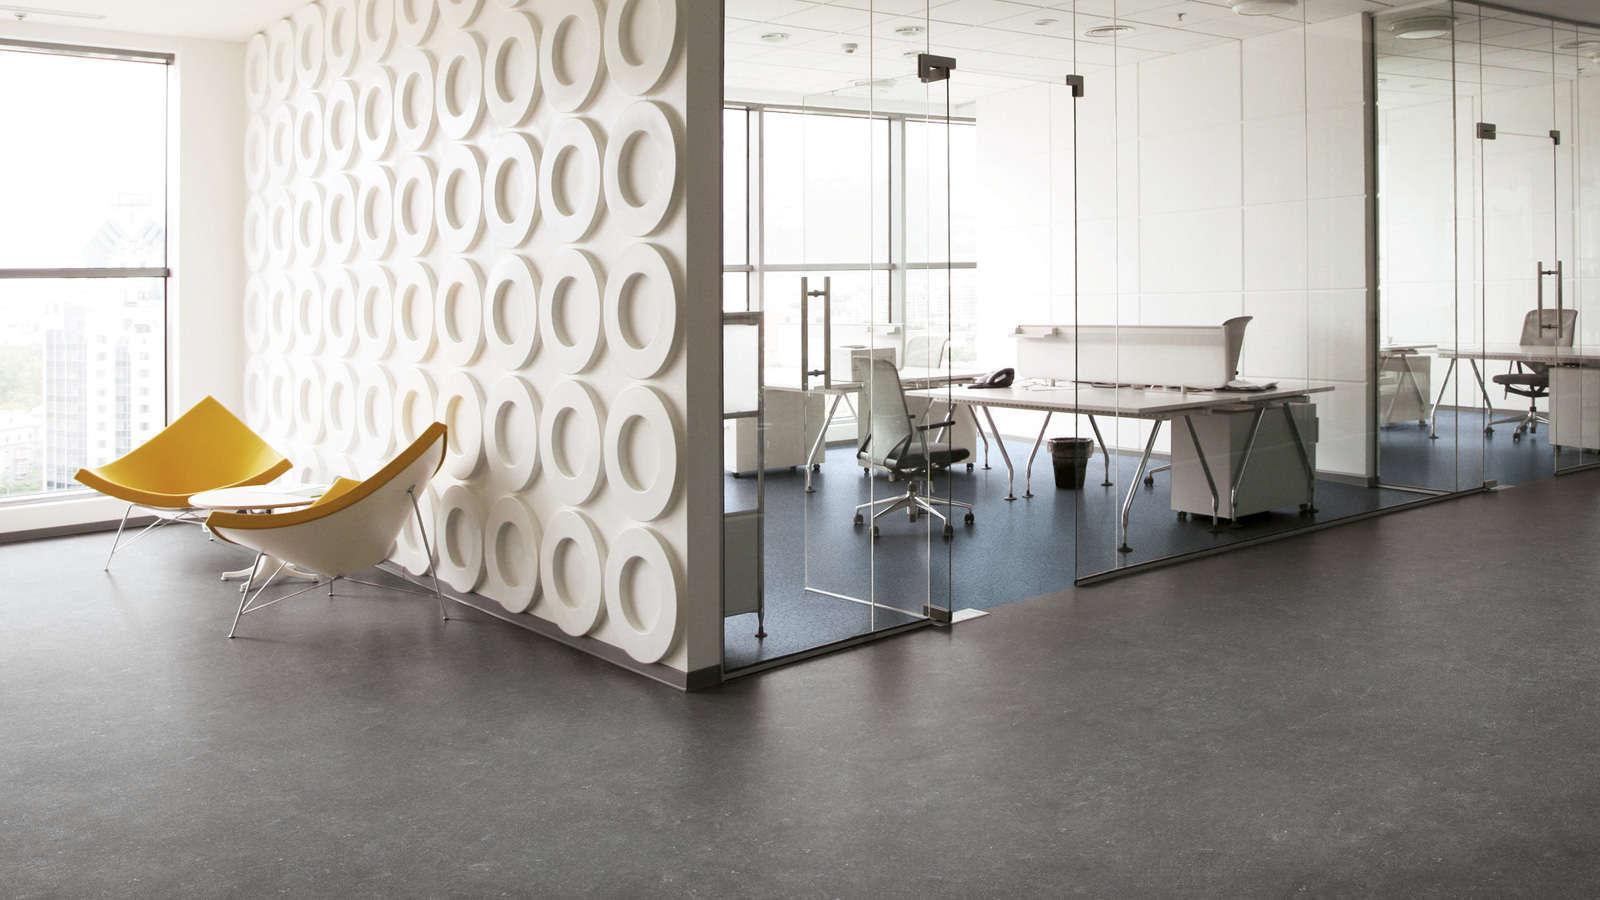 vinil pvc podovi za kancelarije